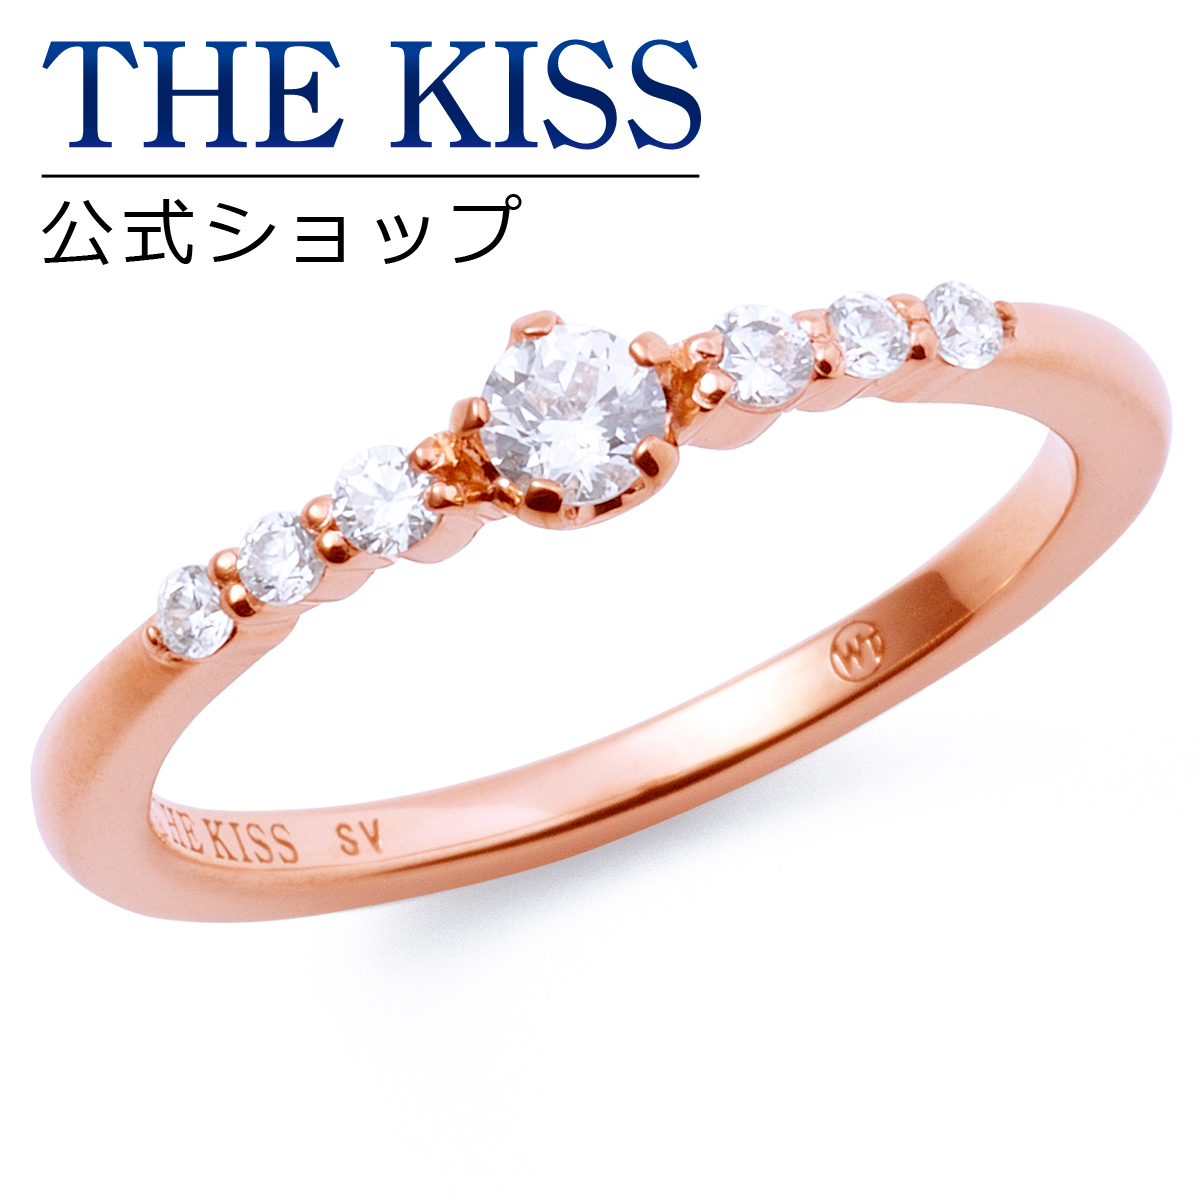 【あす楽対応】THE KISS 公式サイト シルバー ペアリング ( レディース 単品 ) ペアアクセサリー カップル に 人気 の ジュエリーブランド THEKISS ペア リング・指輪 記念日 プレゼント SR363WUAS ザキス 【送料無料】